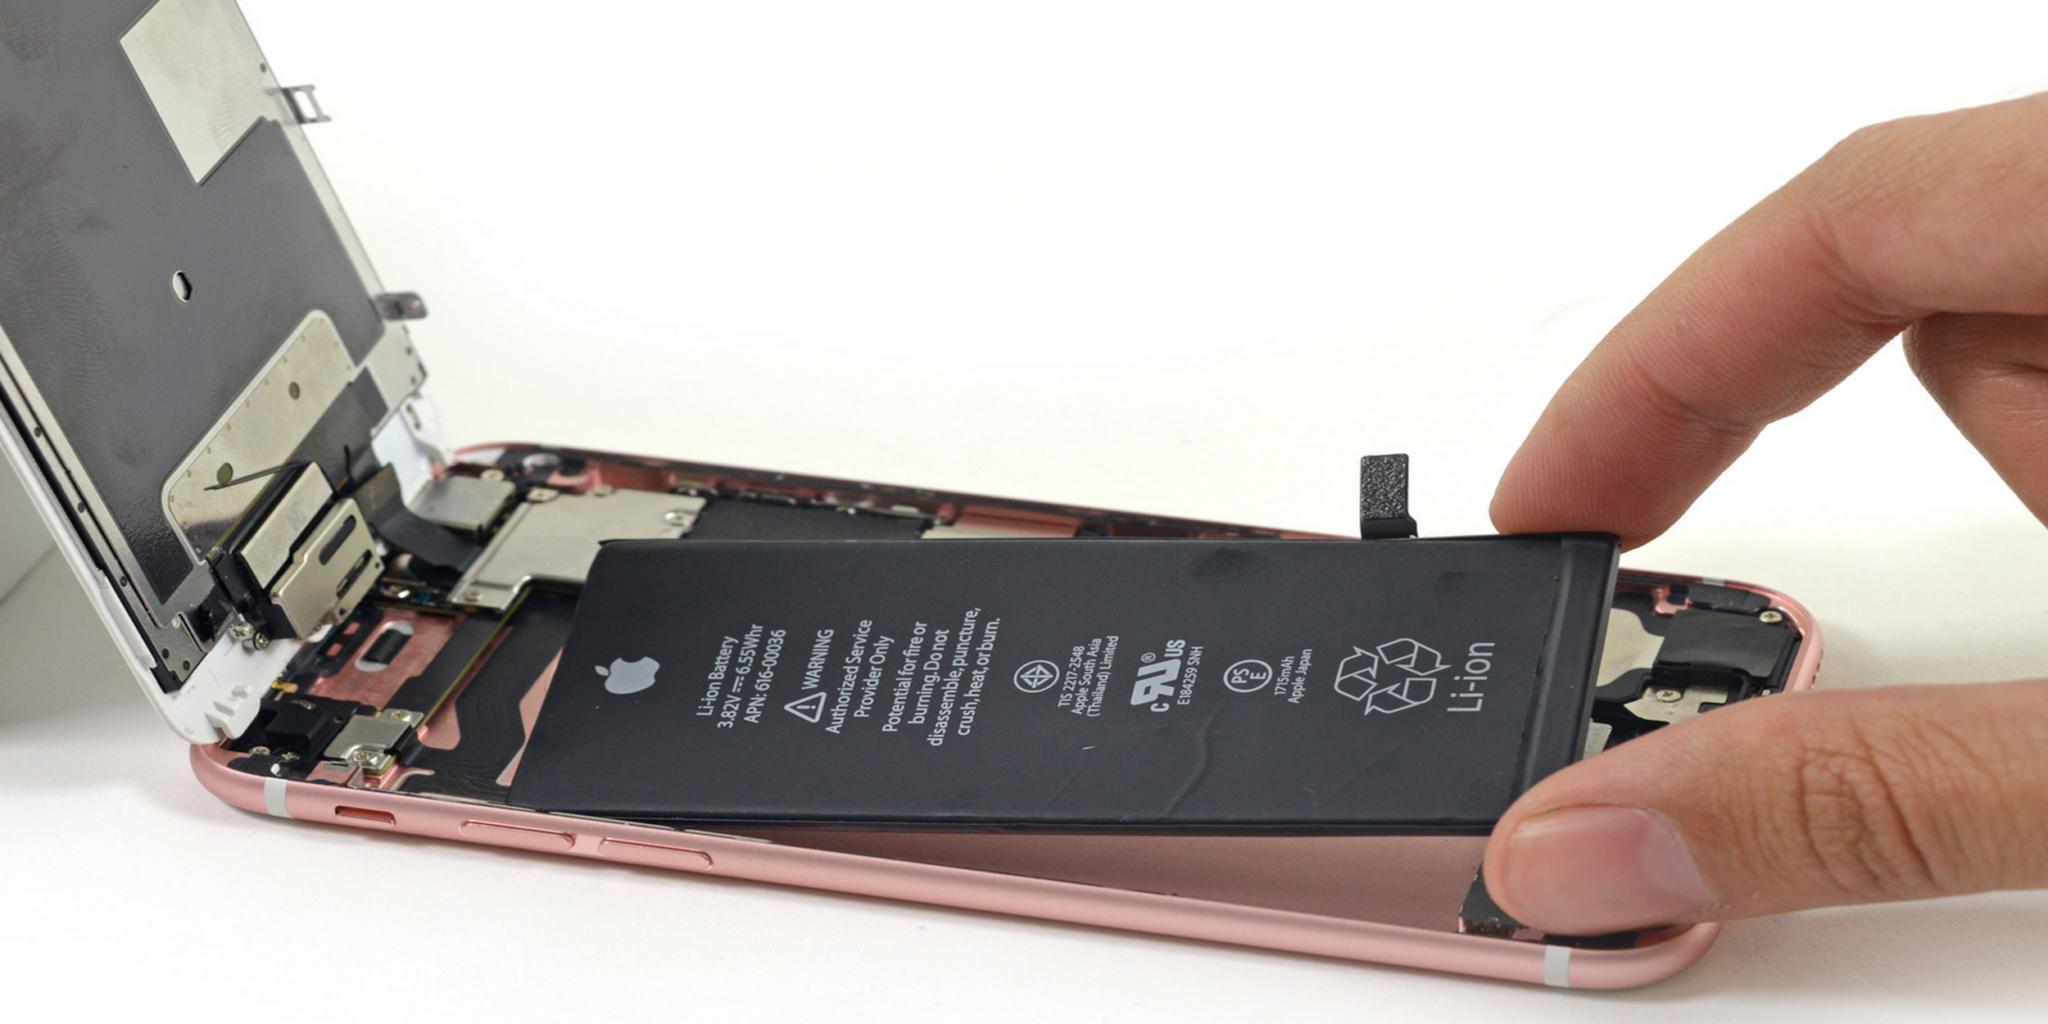 iPhone: Apple mění pravidla hry, baterii vymění i bez ohledu na diagnostický test